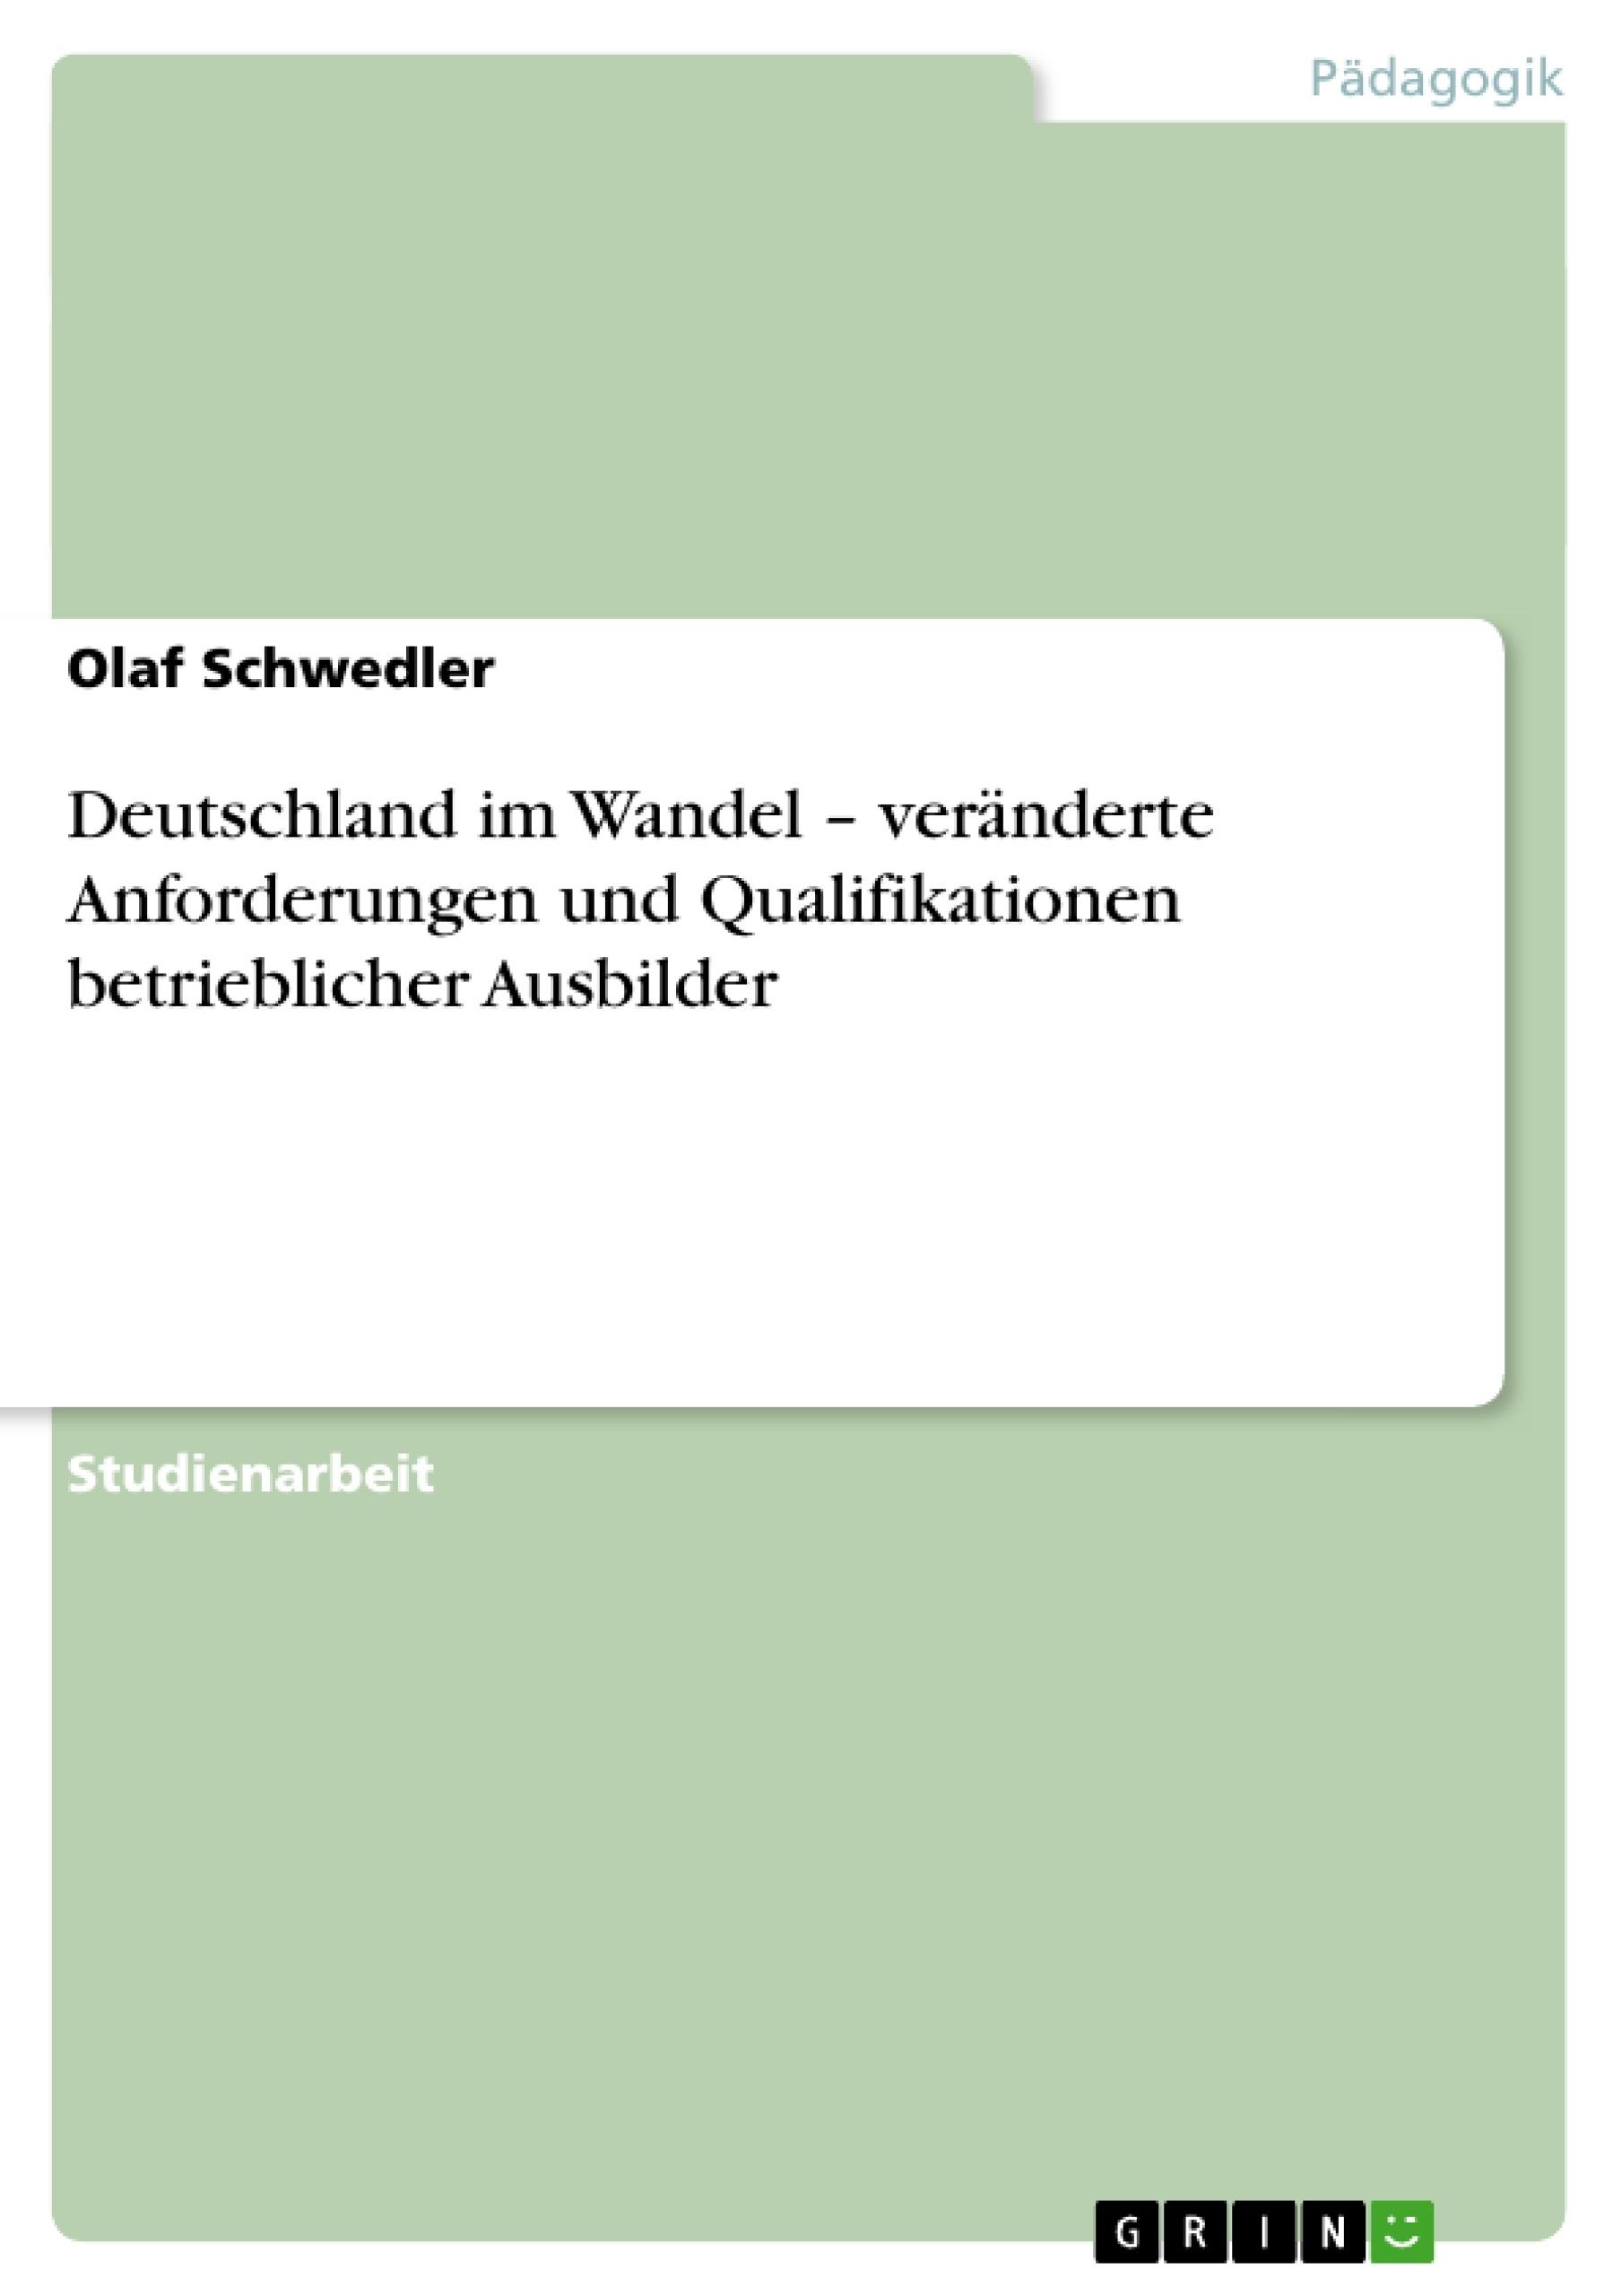 Titel: Deutschland im Wandel – veränderte Anforderungen und Qualifikationen betrieblicher Ausbilder